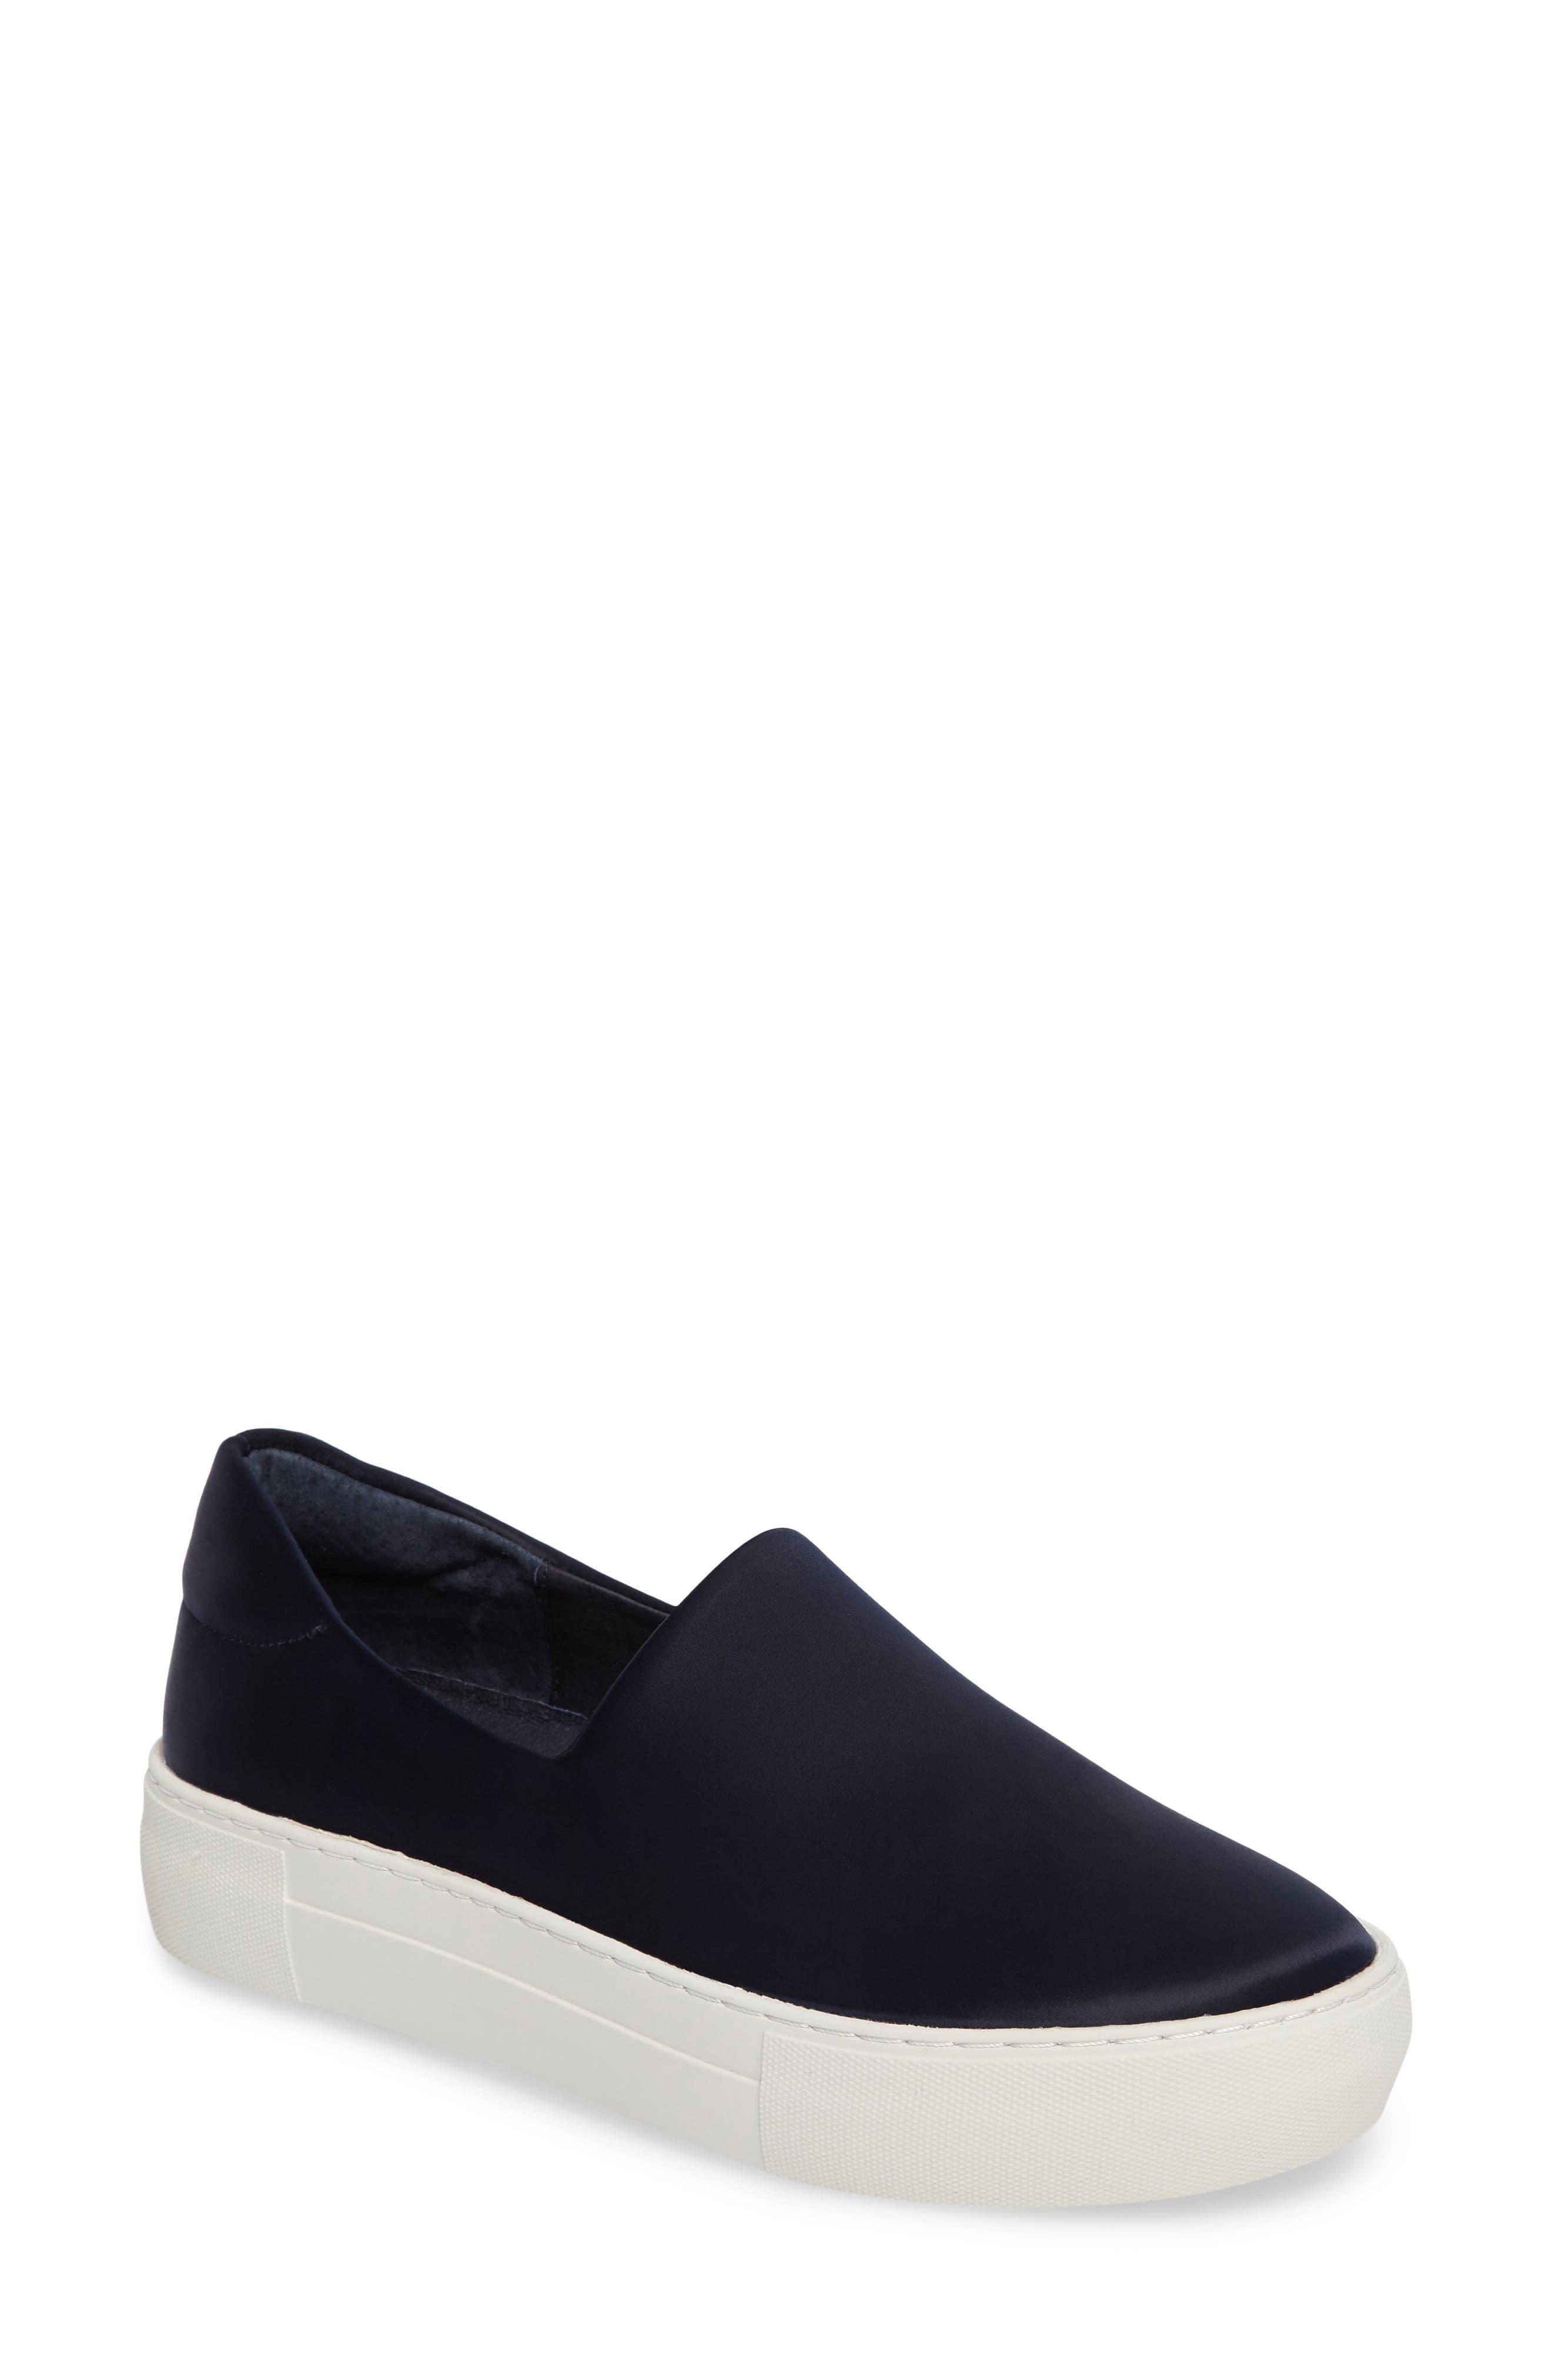 Alternate Image 1 Selected - JSlides Abba Slip-On Platform Sneaker (Women)